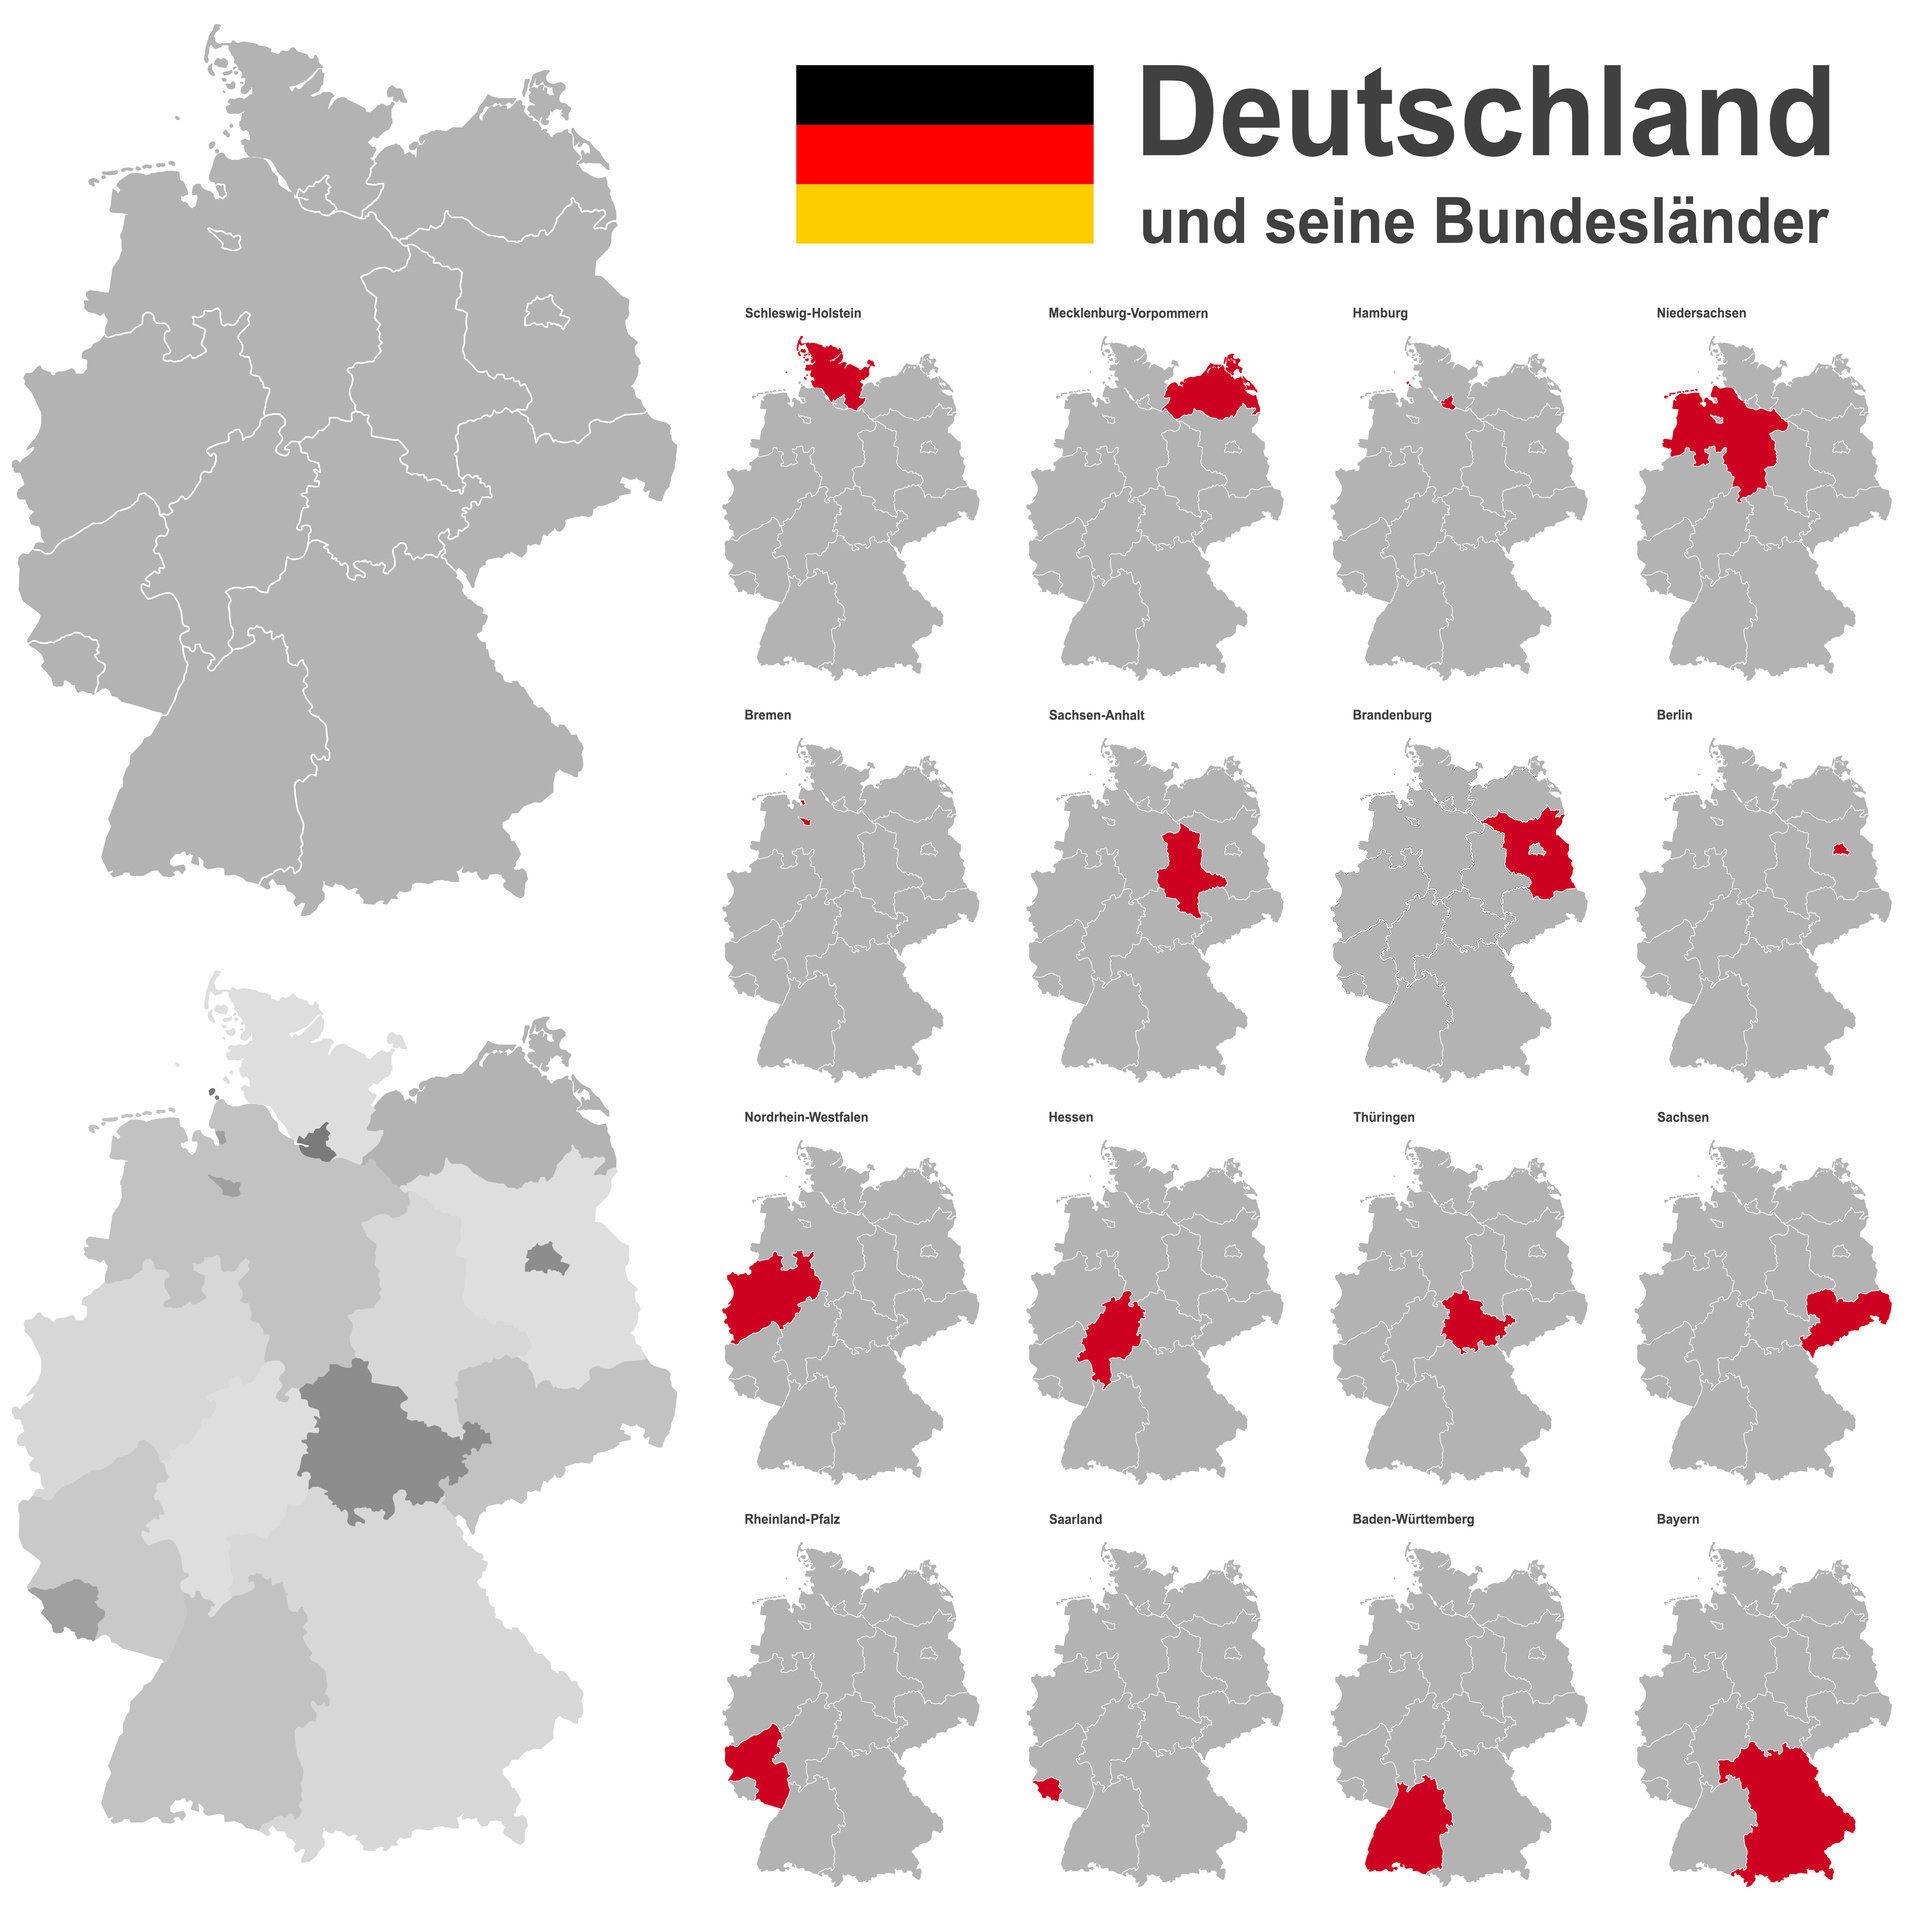 Wie Heißen Die 16 Bundesländer Von Deutschland Und Ihre bestimmt für 16 Bundesländer Und Ihre Hauptstädte Liste